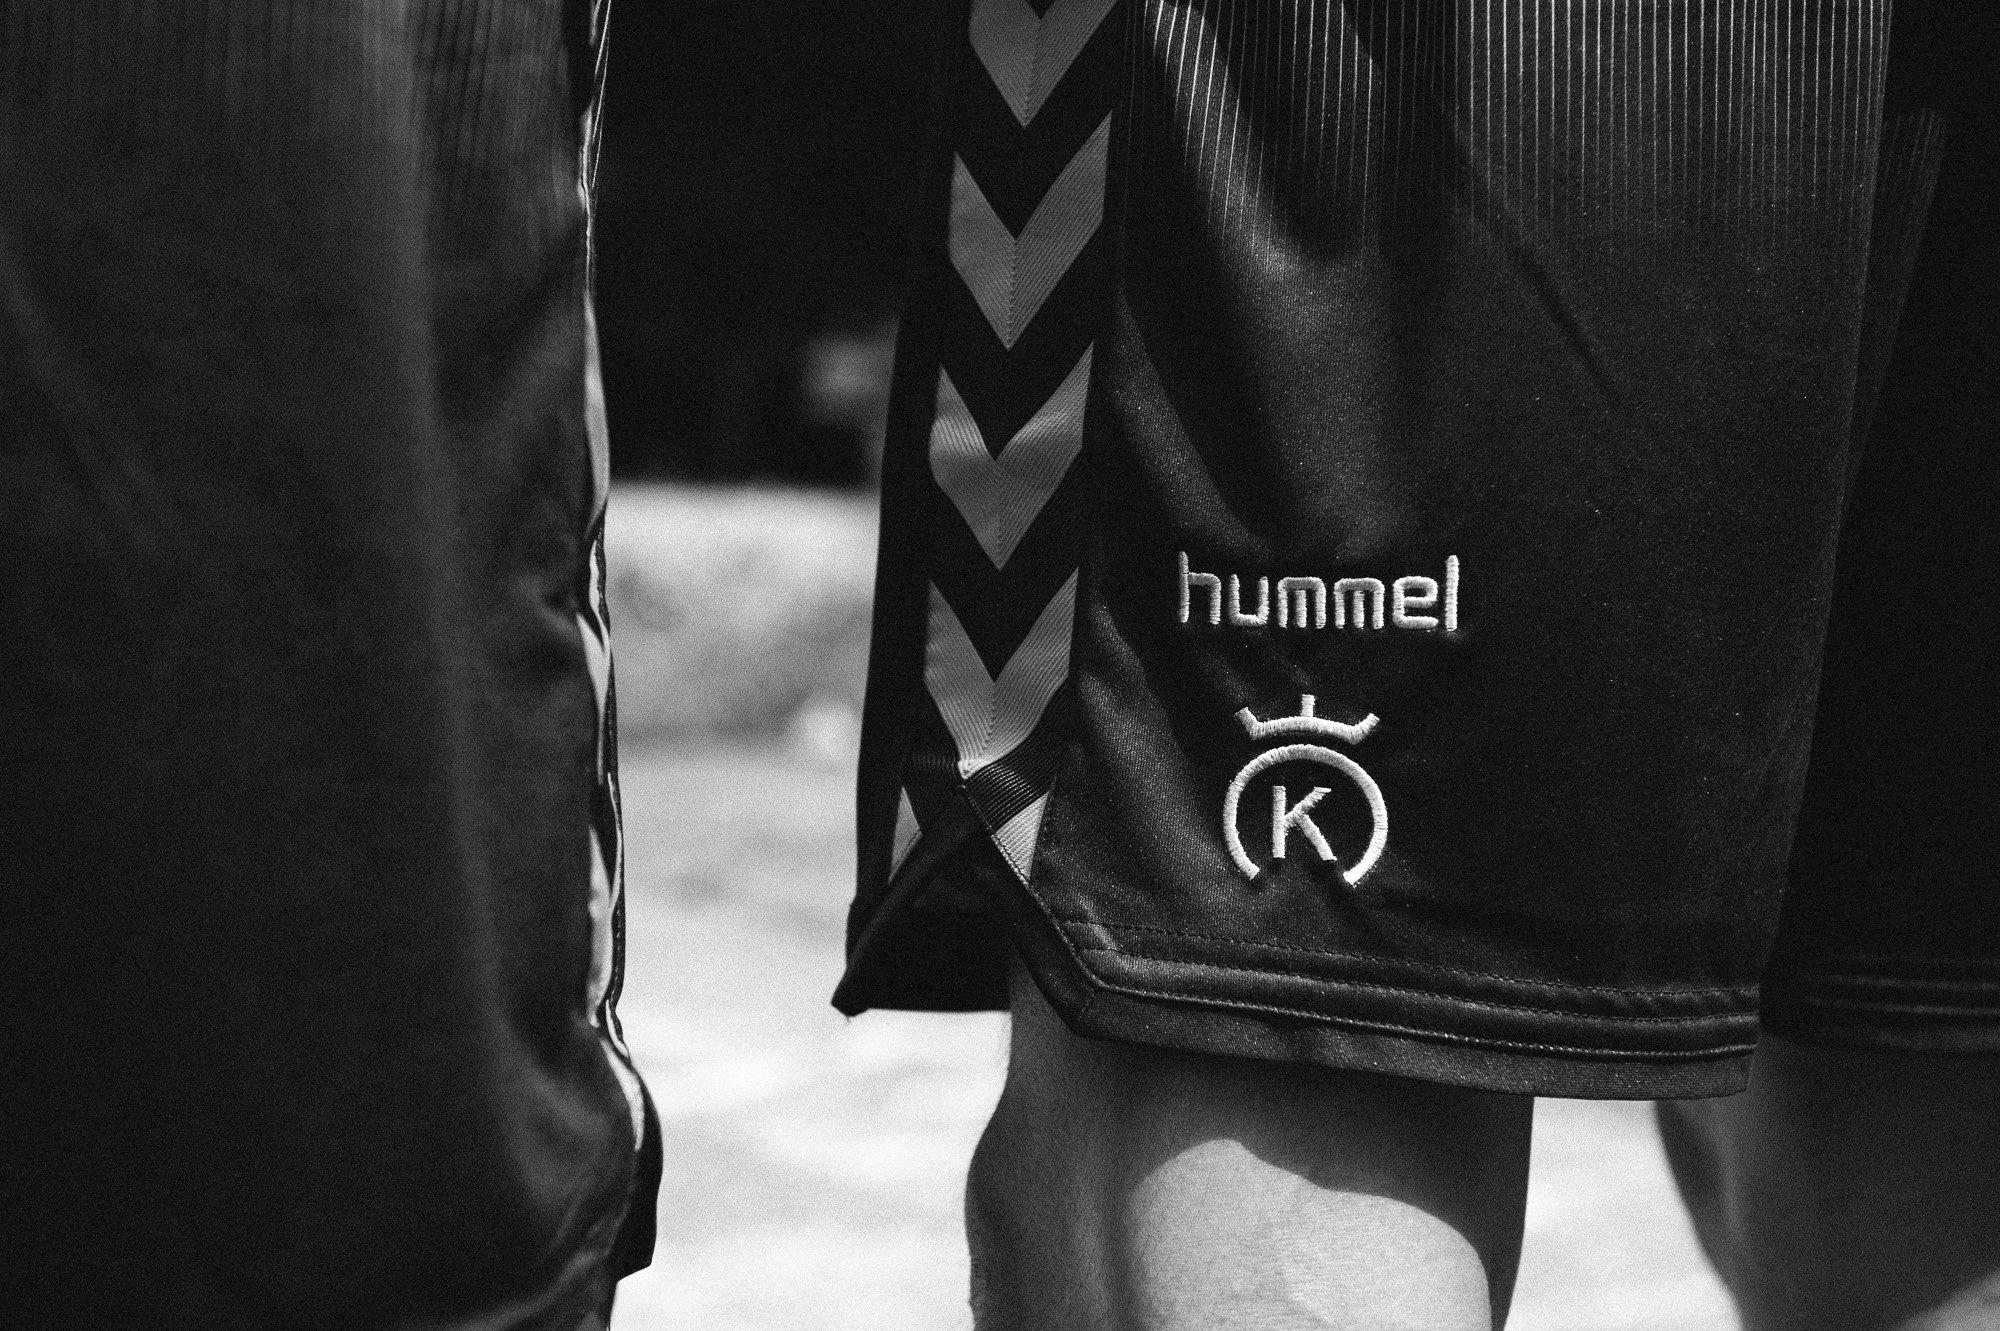 hummel x 24 Kilates